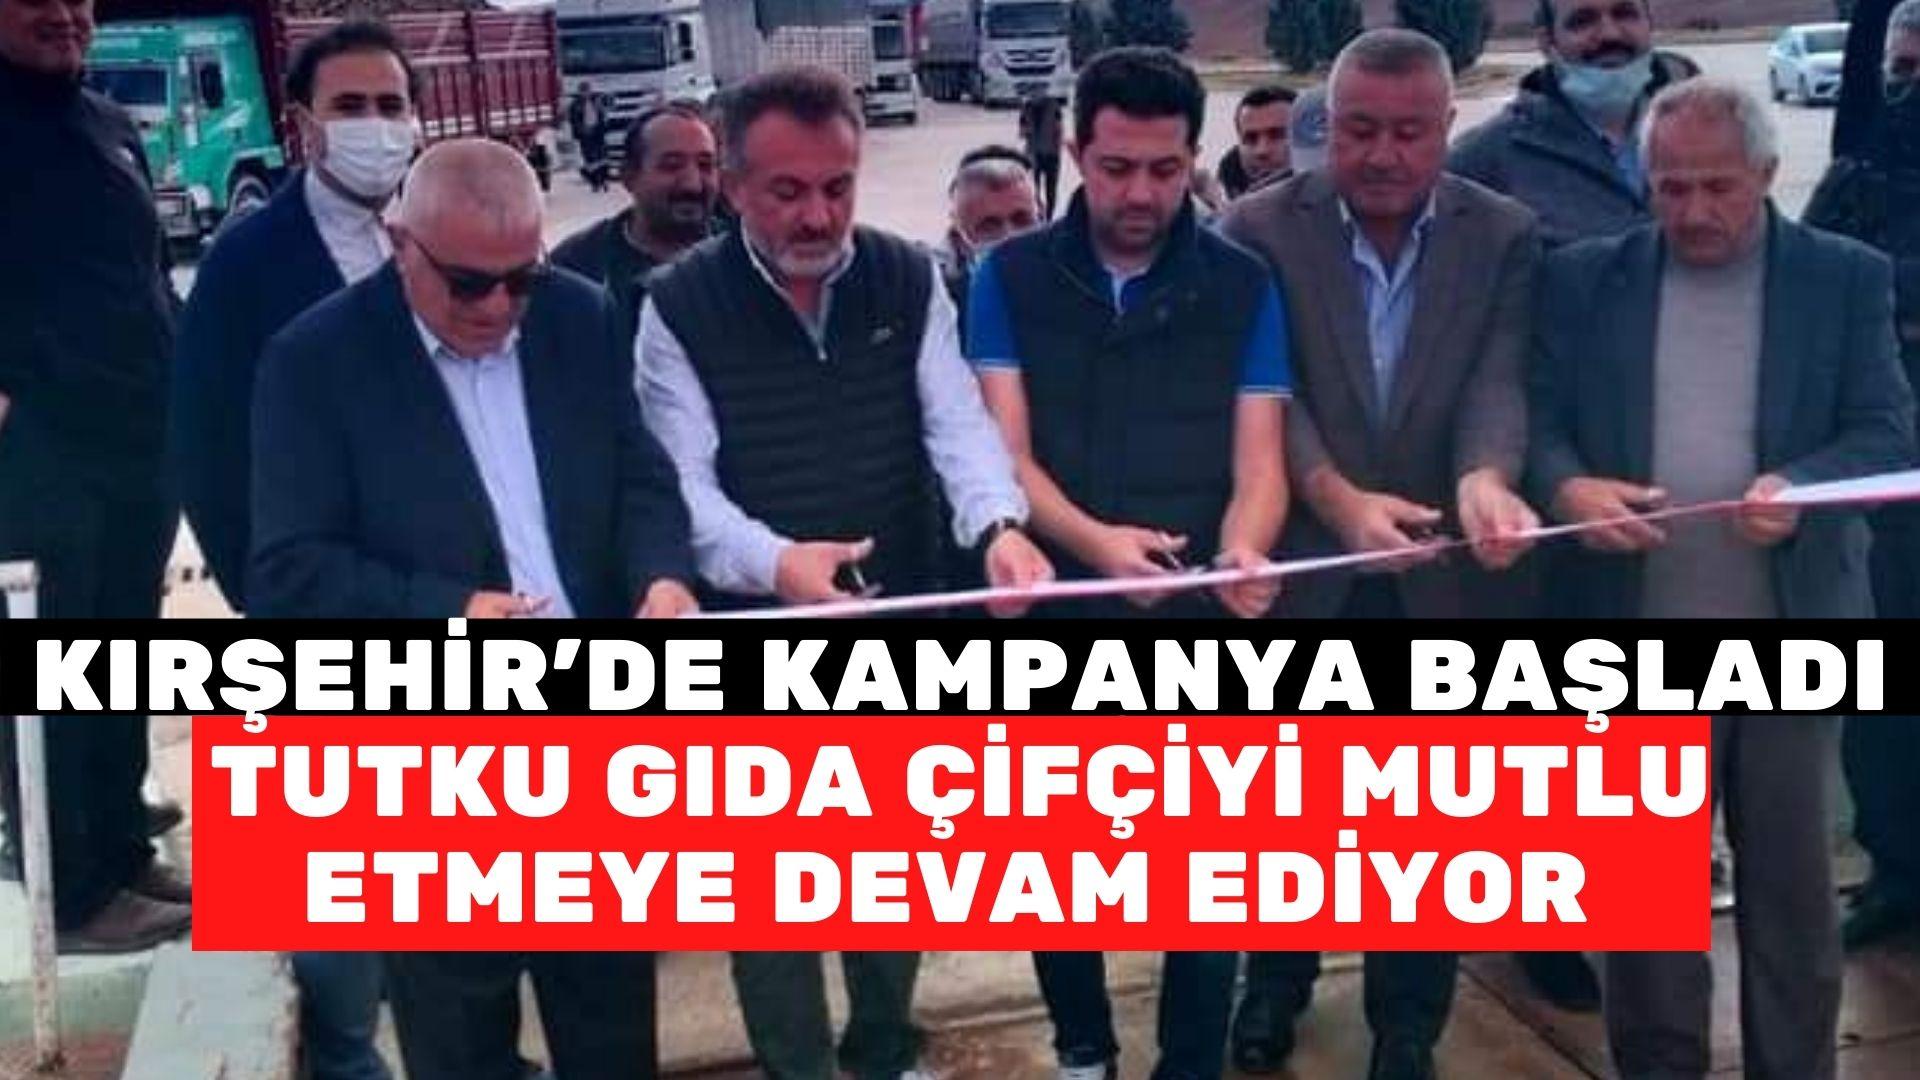 Kırşehir'de şeker kampanyası başladı